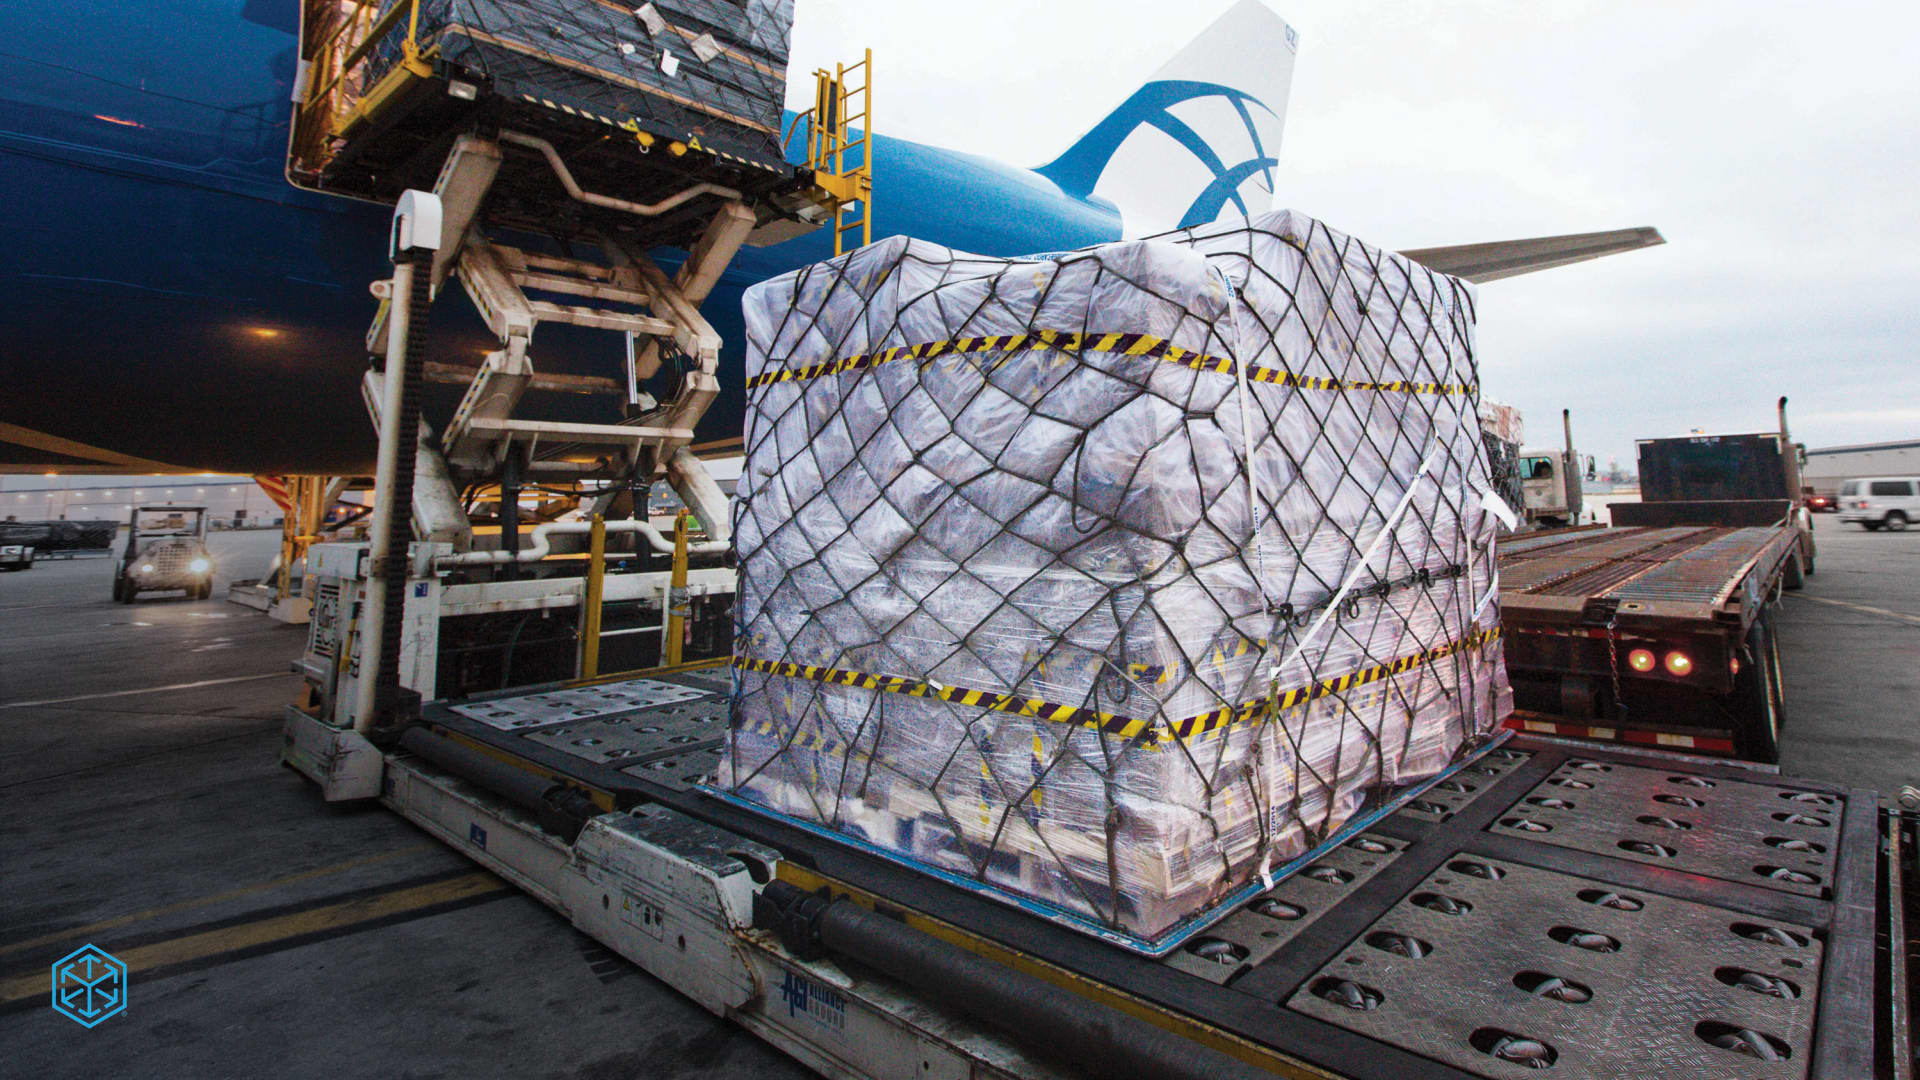 CH Robinson air freight